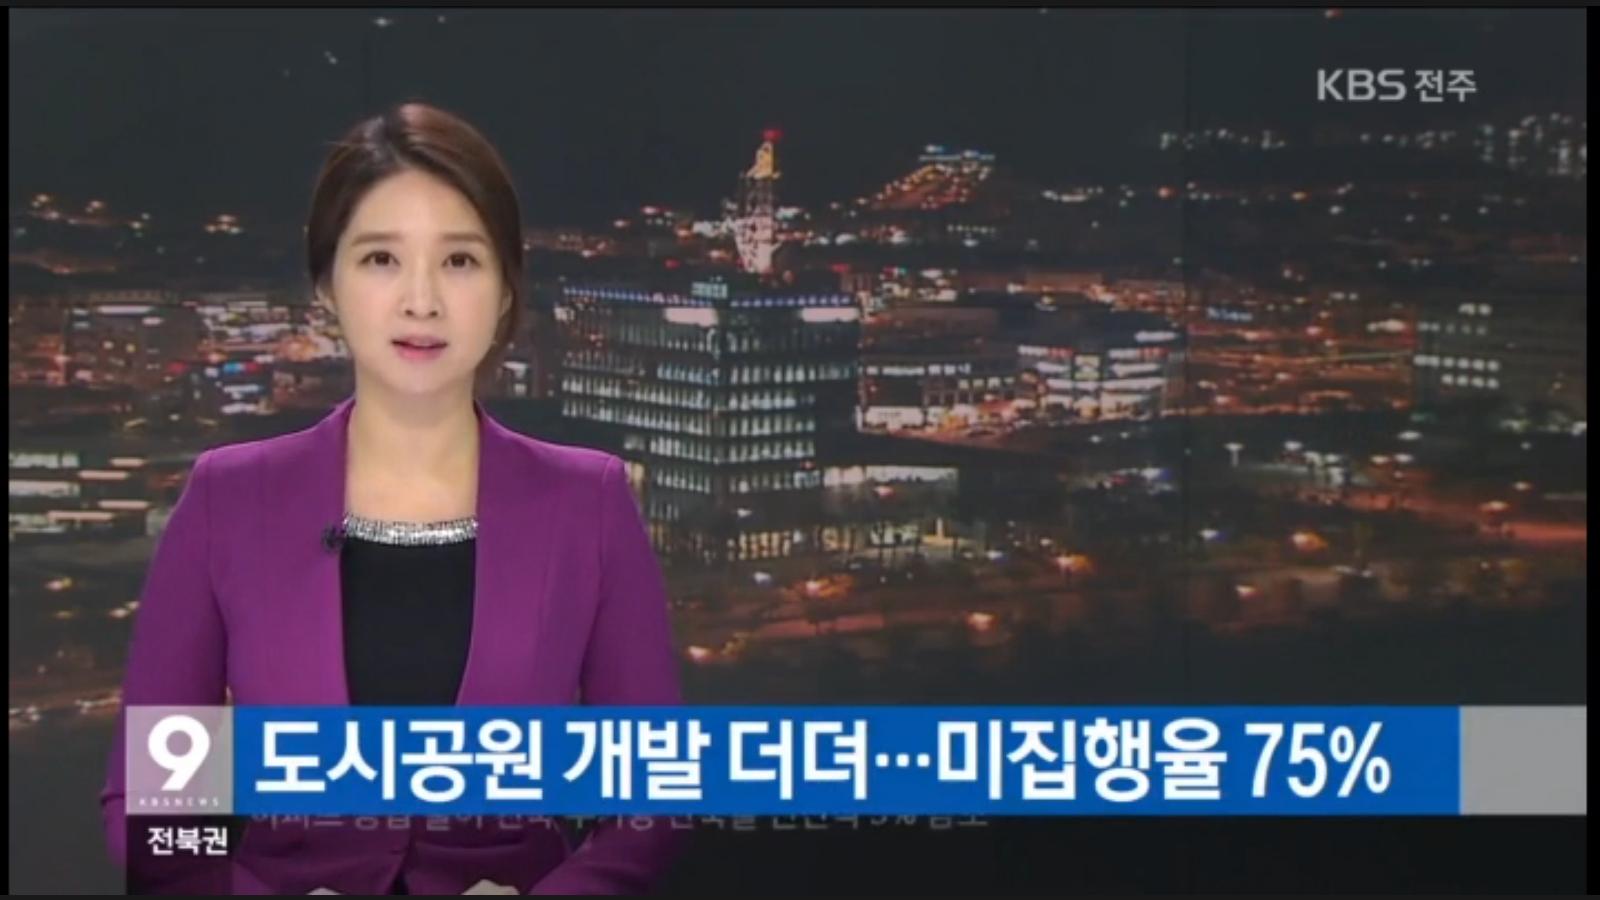 [18.2.18 KBS전주] 전북 각 시군 도시공원 결정 ..미집행율 75%_1.jpg